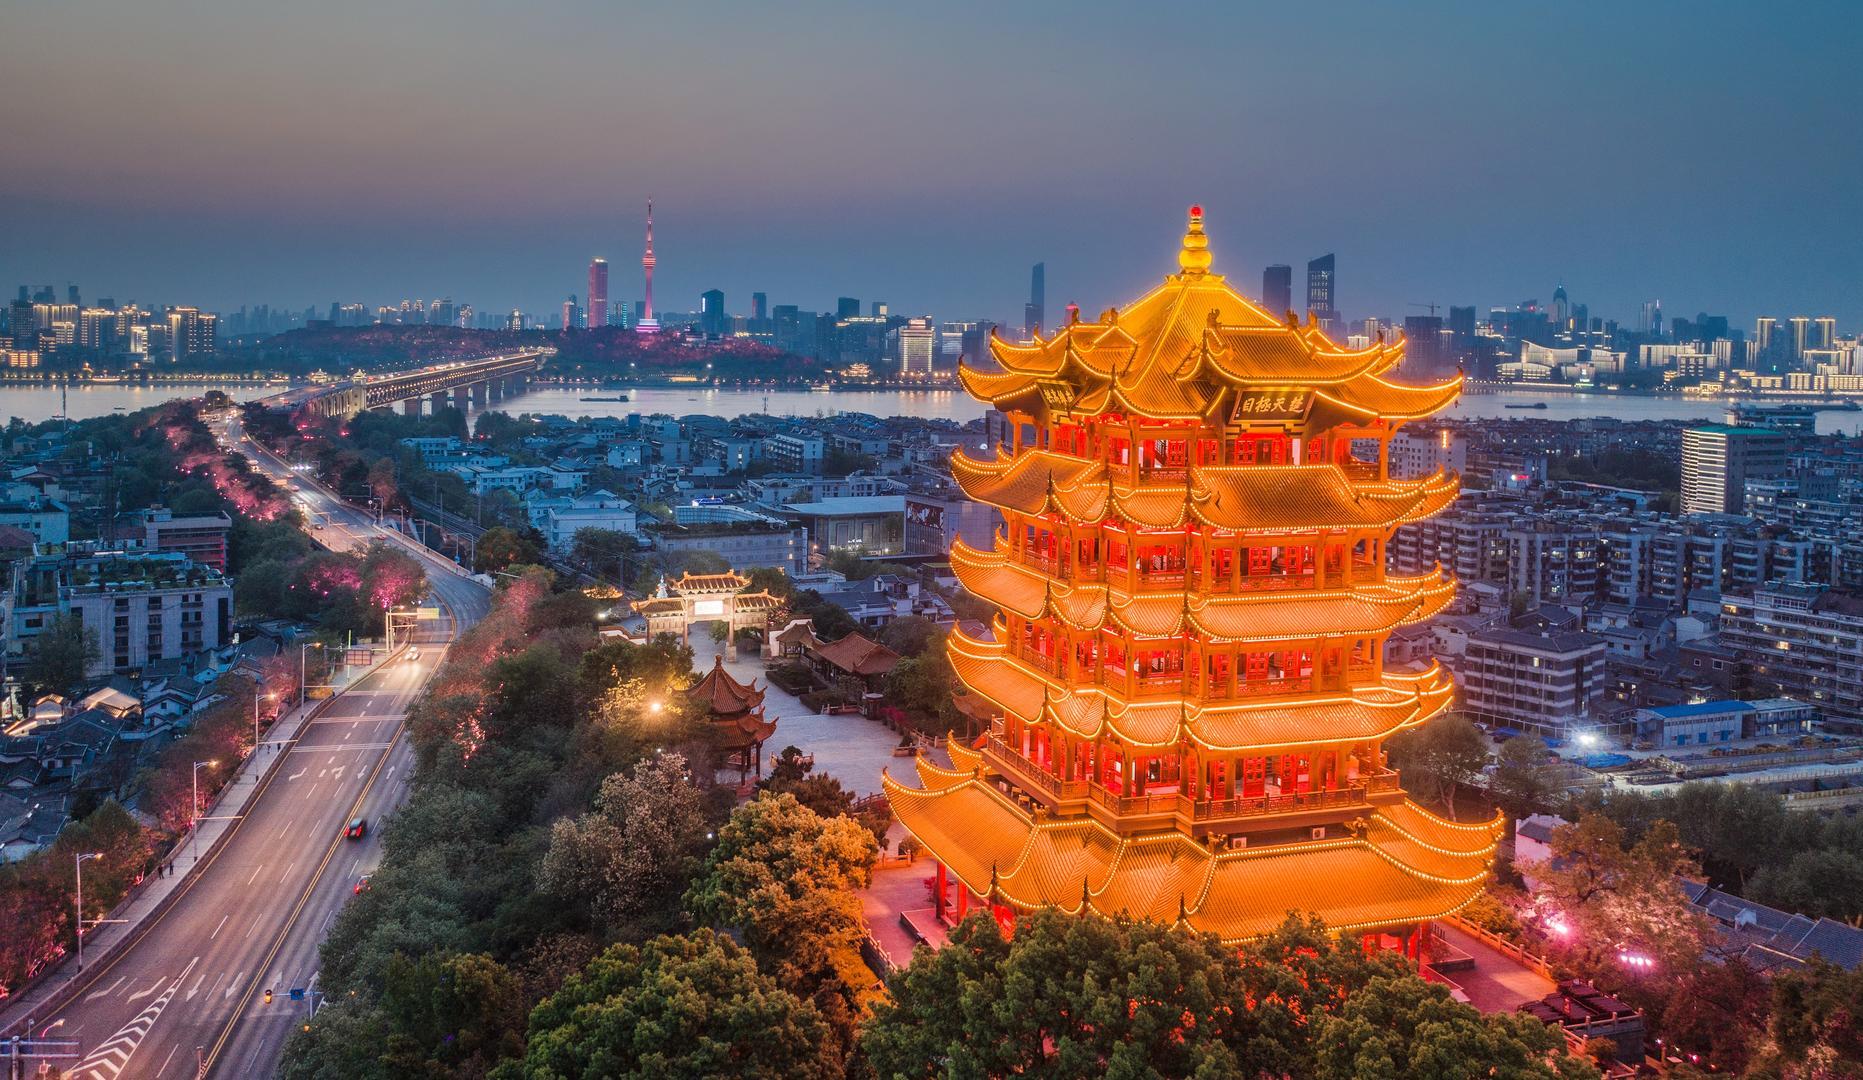 ▲2020年4月8日,湖北武汉夜色下的黄鹤楼灯光璀璨。图据ICphoto